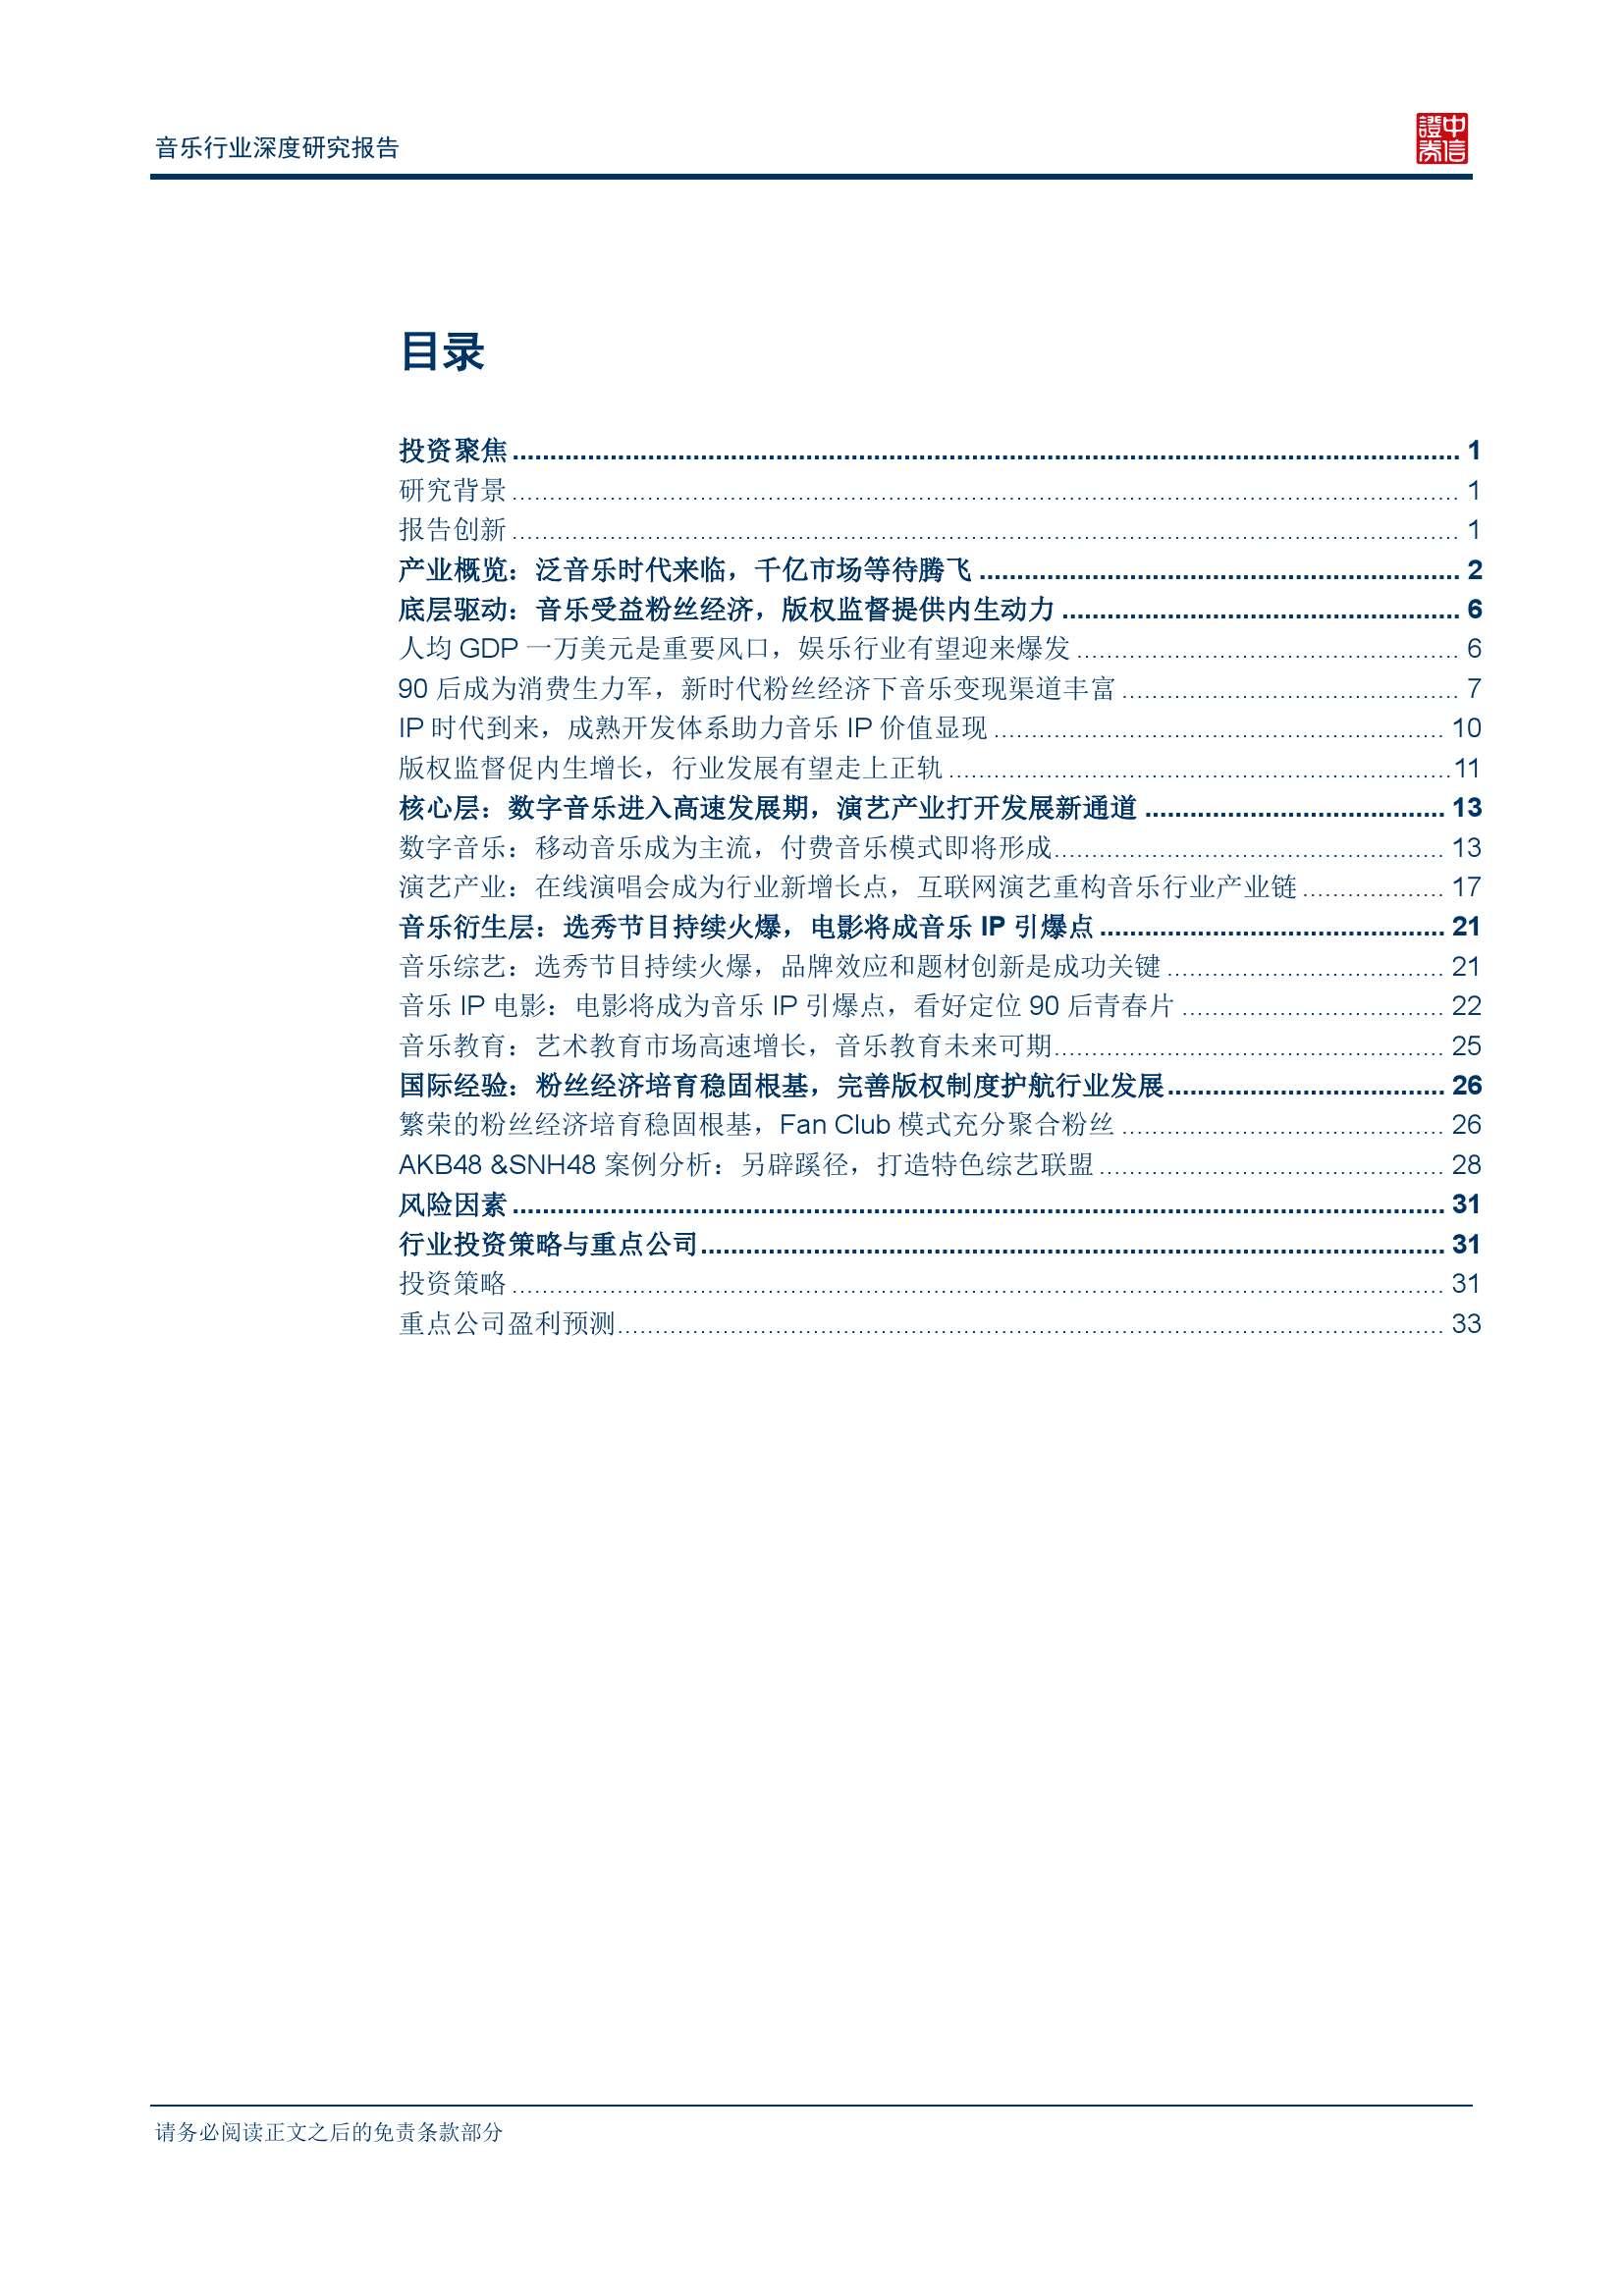 中信证券音乐行业深度研究报告_000002